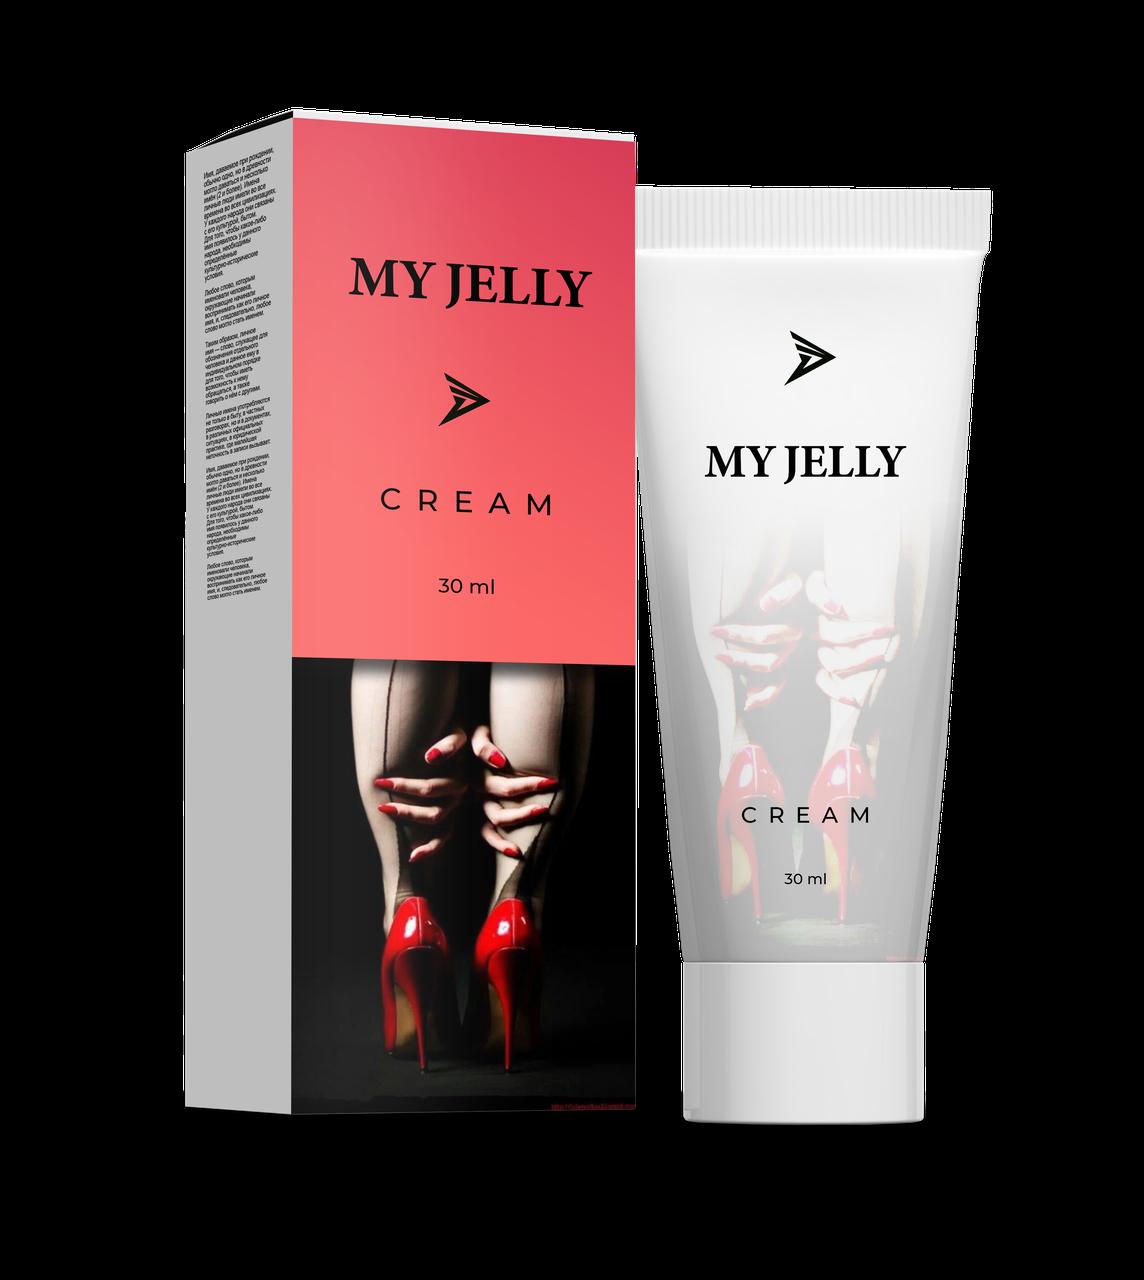 My Jelly средство для увеличения пениса